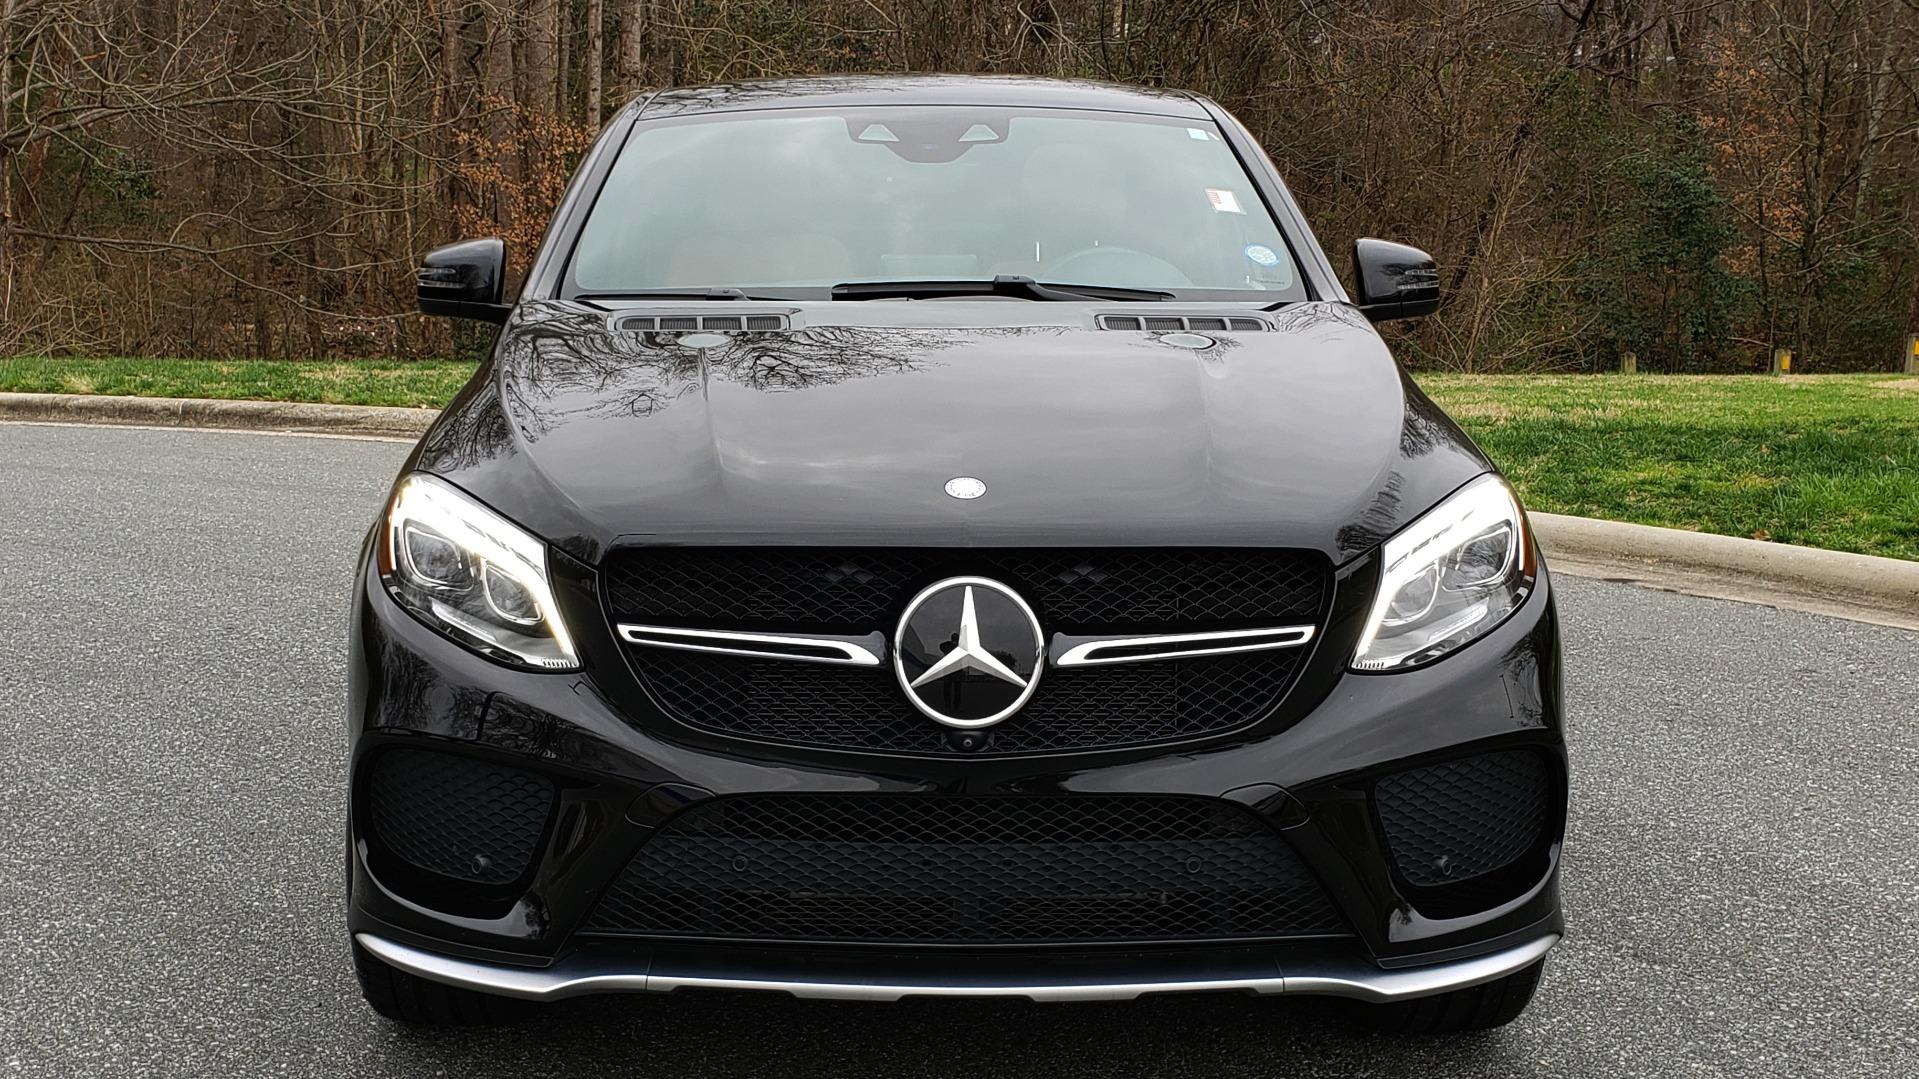 Used 2016 Mercedes-Benz GLE 450 AMG / AWD / PREM PKG / PARK ASST / DRVR ASST / SUNROOF for sale Sold at Formula Imports in Charlotte NC 28227 24